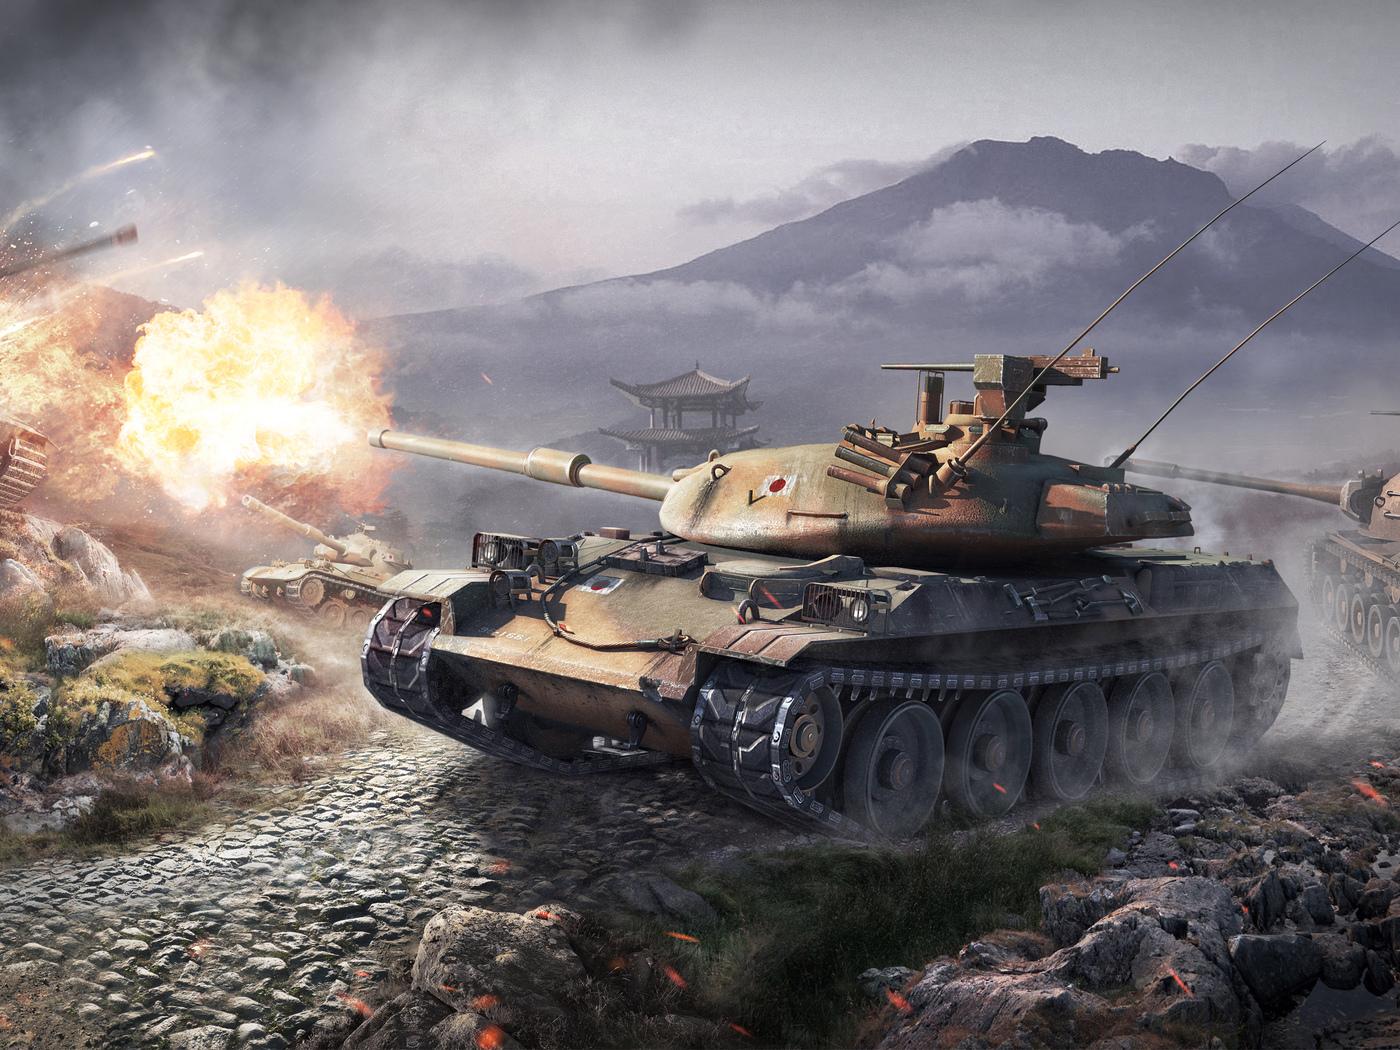 world-of-tanks-japanese-tanks.jpg